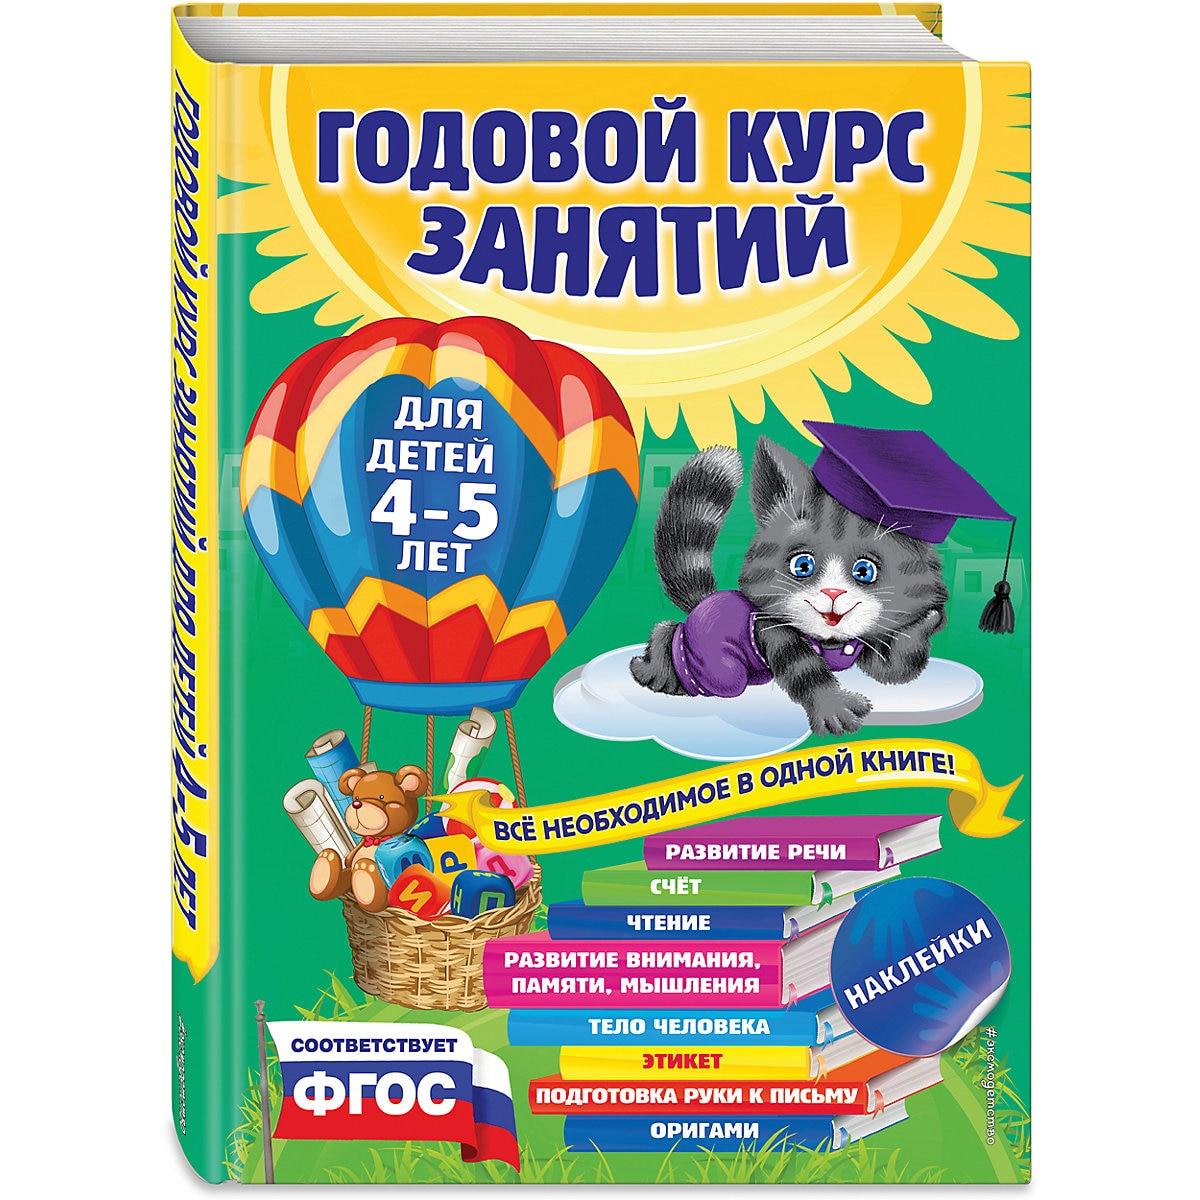 Books EKSMO 4355898 children…